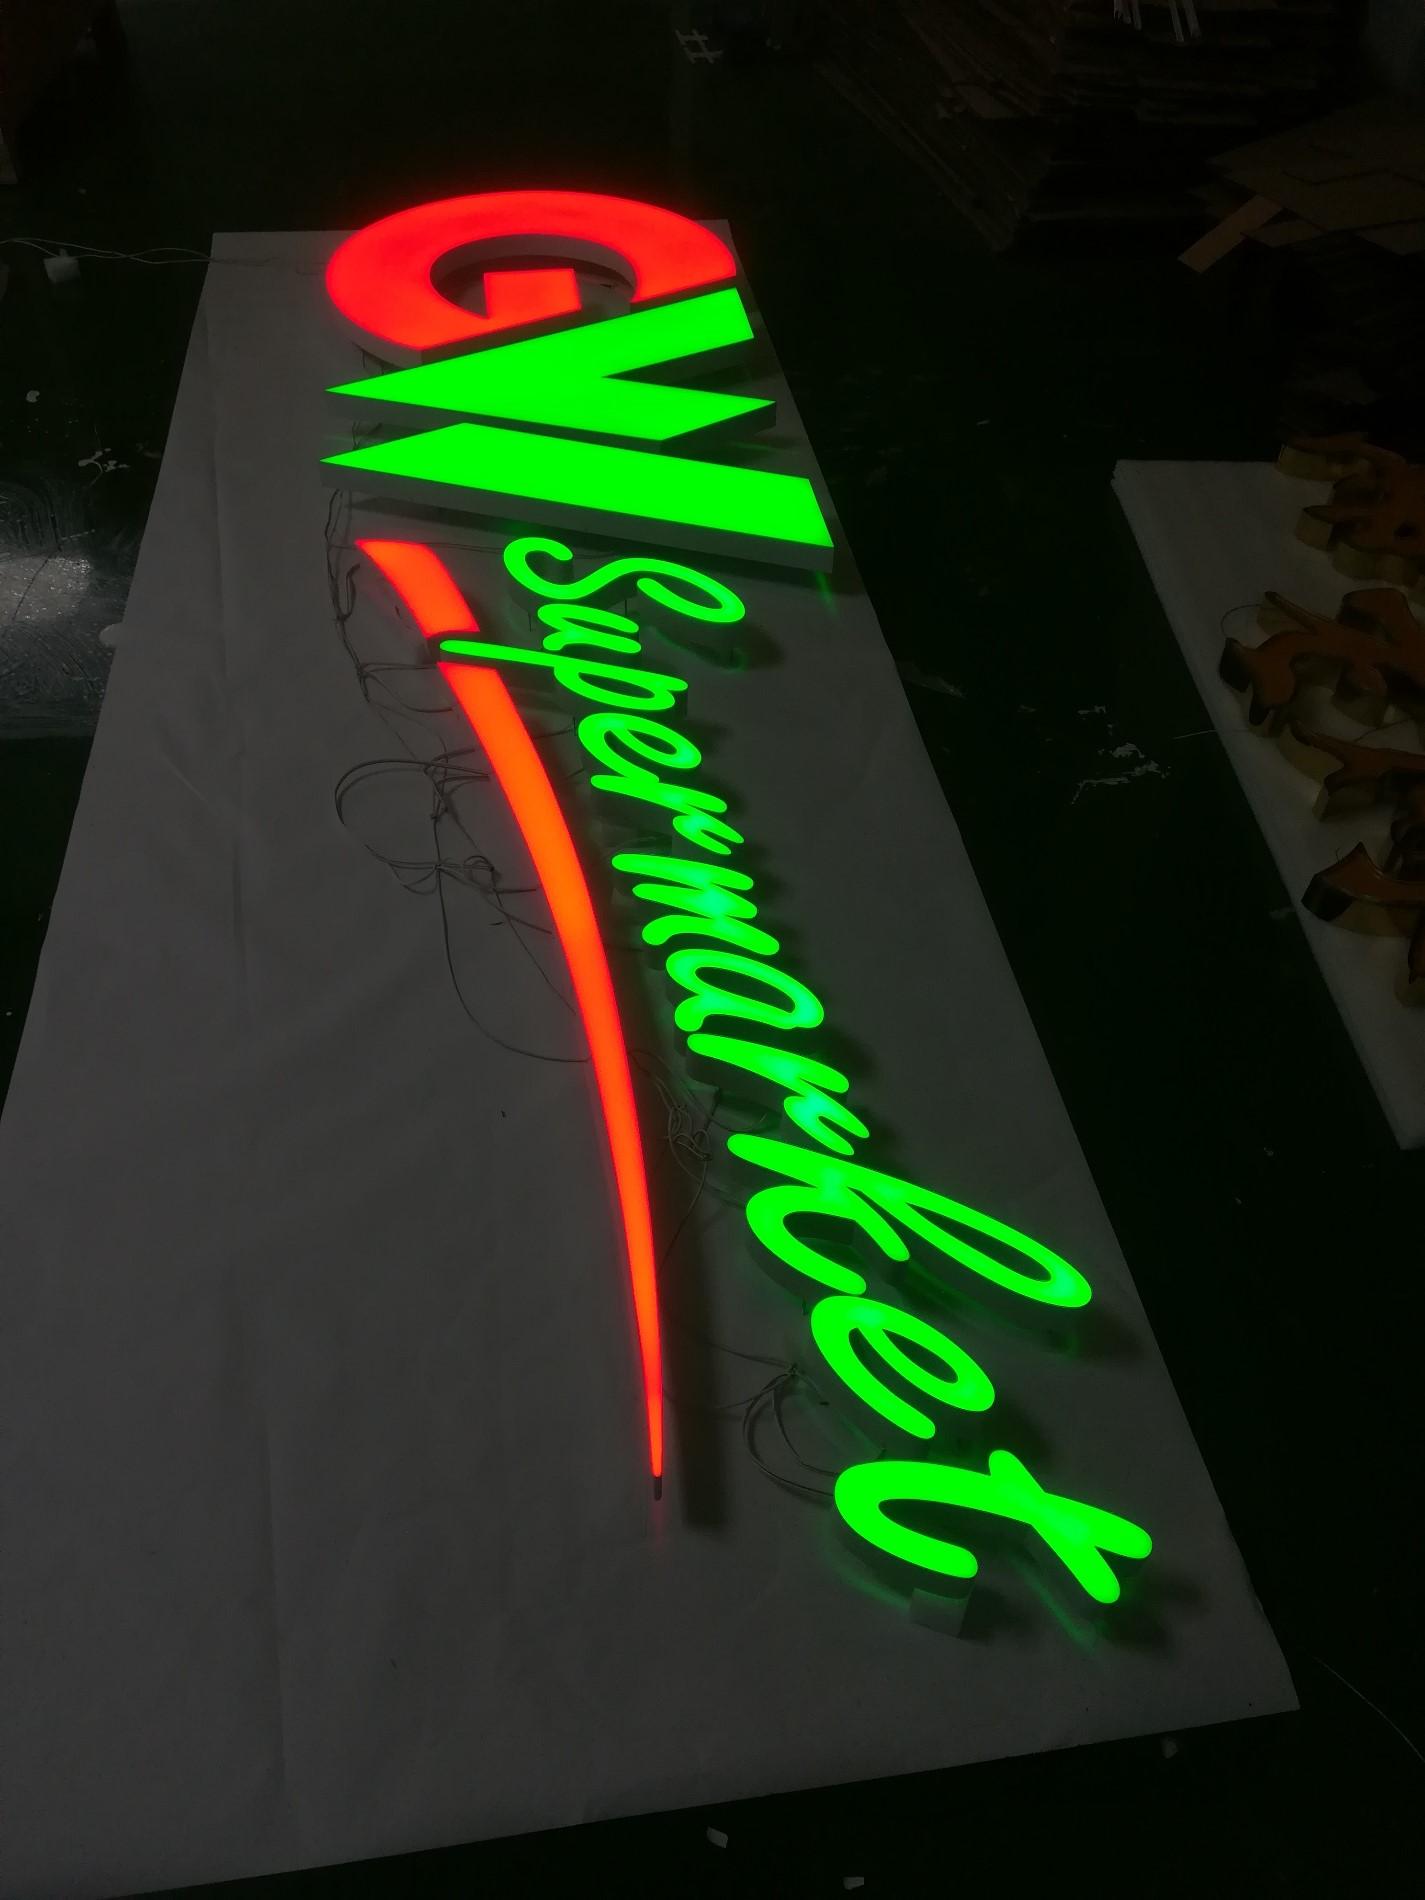 Acheter La lettre 3d faite sur commande de canal de la publicité extérieure a,La lettre 3d faite sur commande de canal de la publicité extérieure a Prix,La lettre 3d faite sur commande de canal de la publicité extérieure a Marques,La lettre 3d faite sur commande de canal de la publicité extérieure a Fabricant,La lettre 3d faite sur commande de canal de la publicité extérieure a Quotes,La lettre 3d faite sur commande de canal de la publicité extérieure a Société,